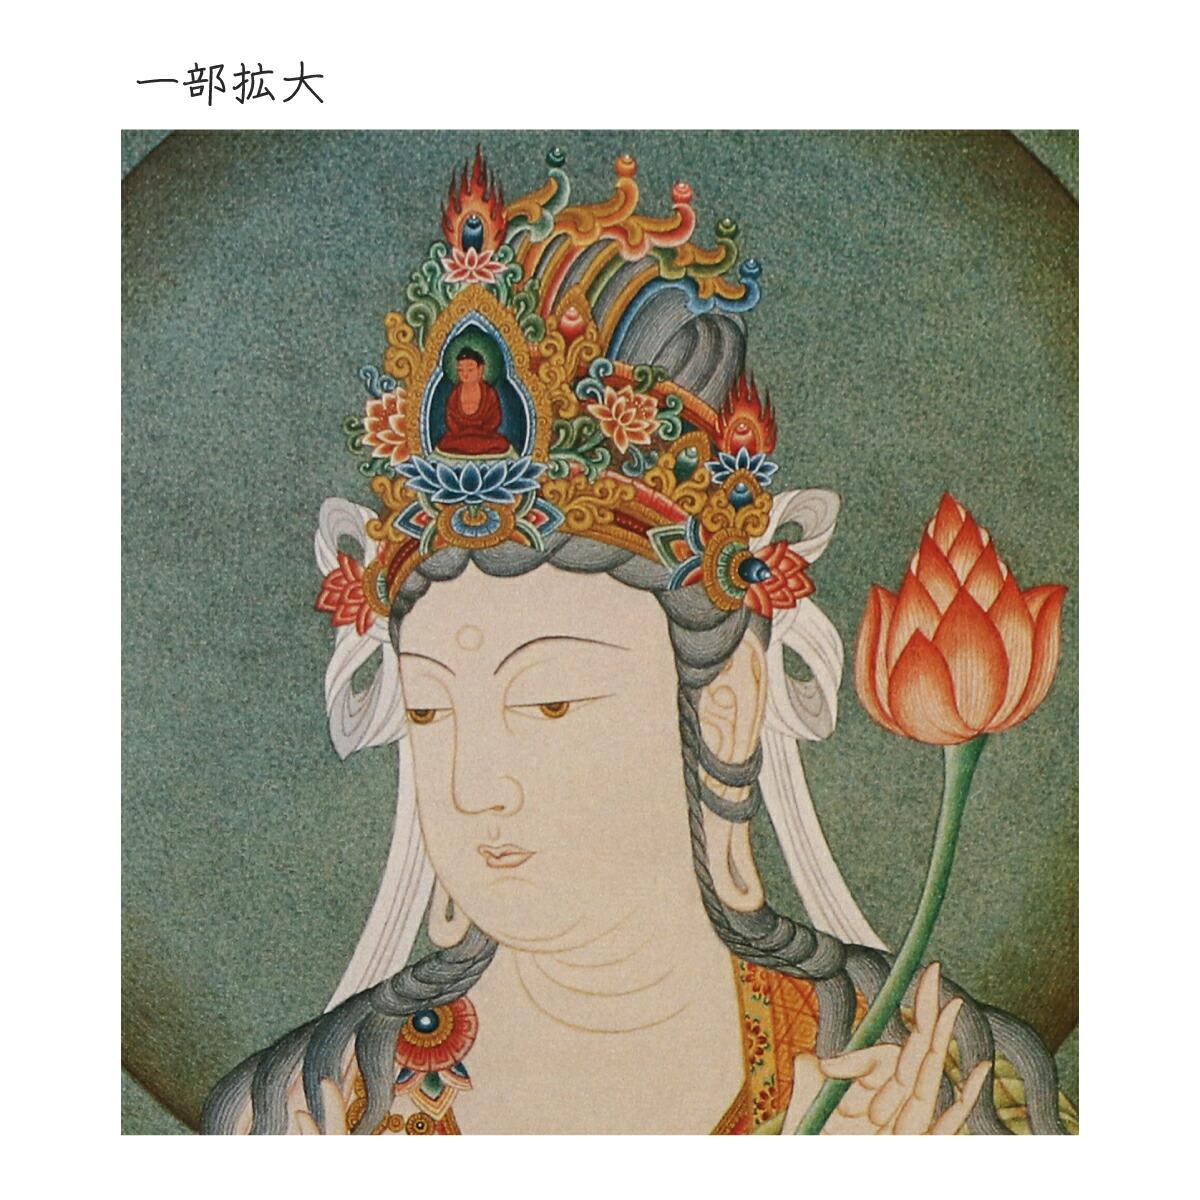 仏画色紙観音菩薩